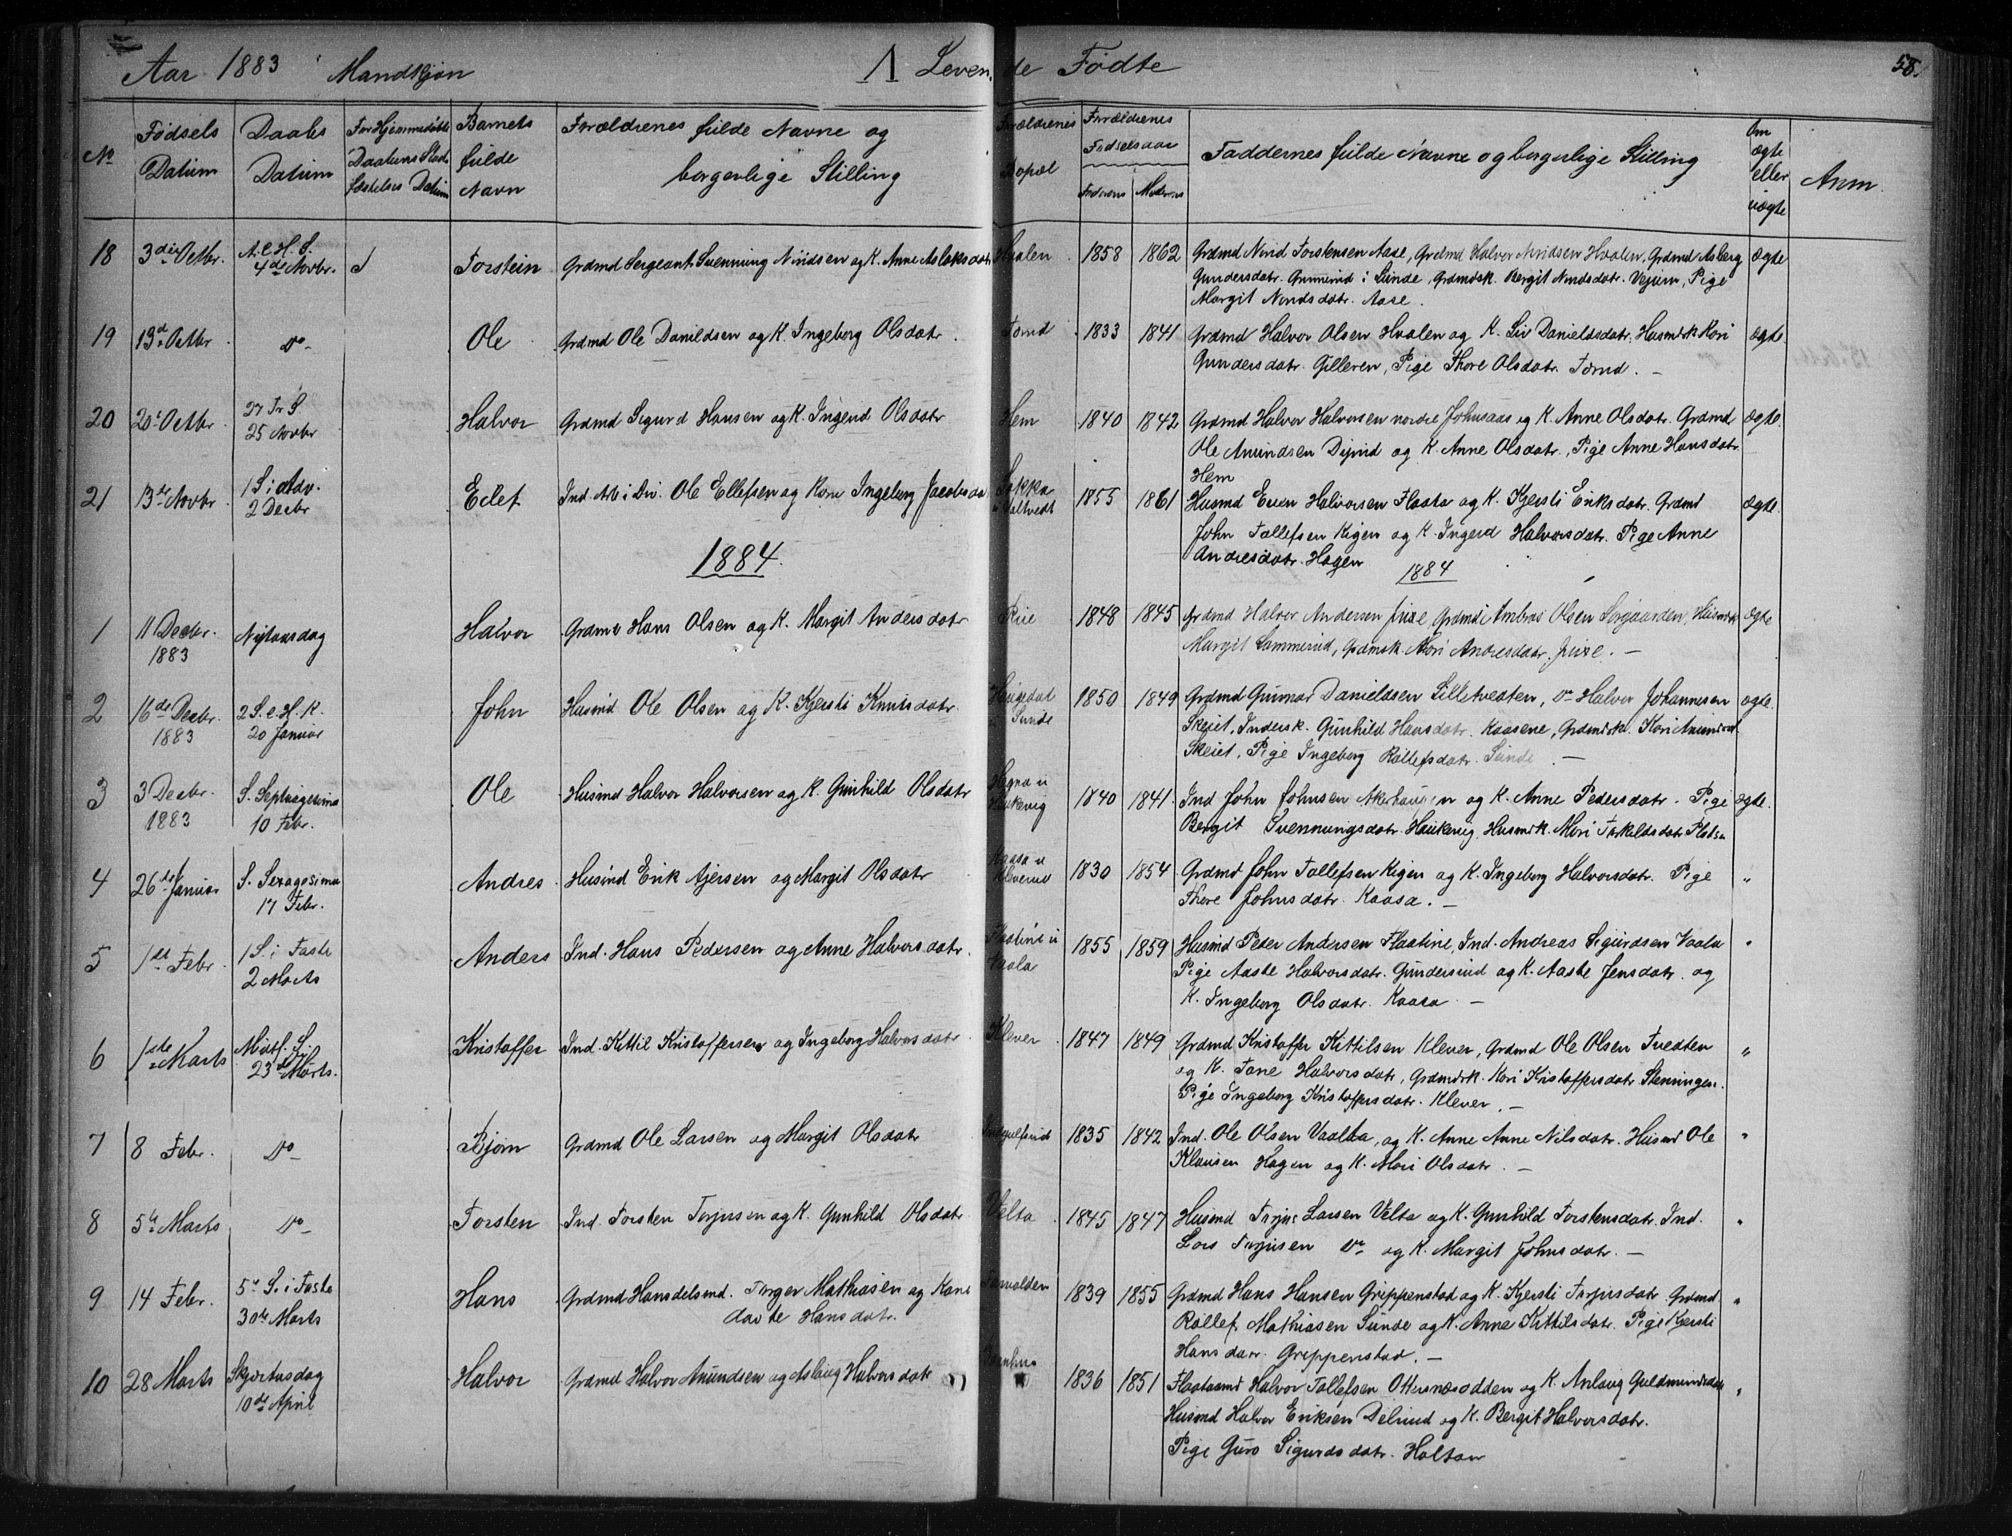 SAKO, Sauherad kirkebøker, G/Ga/L0003: Klokkerbok nr. I 3, 1866-1905, s. 58